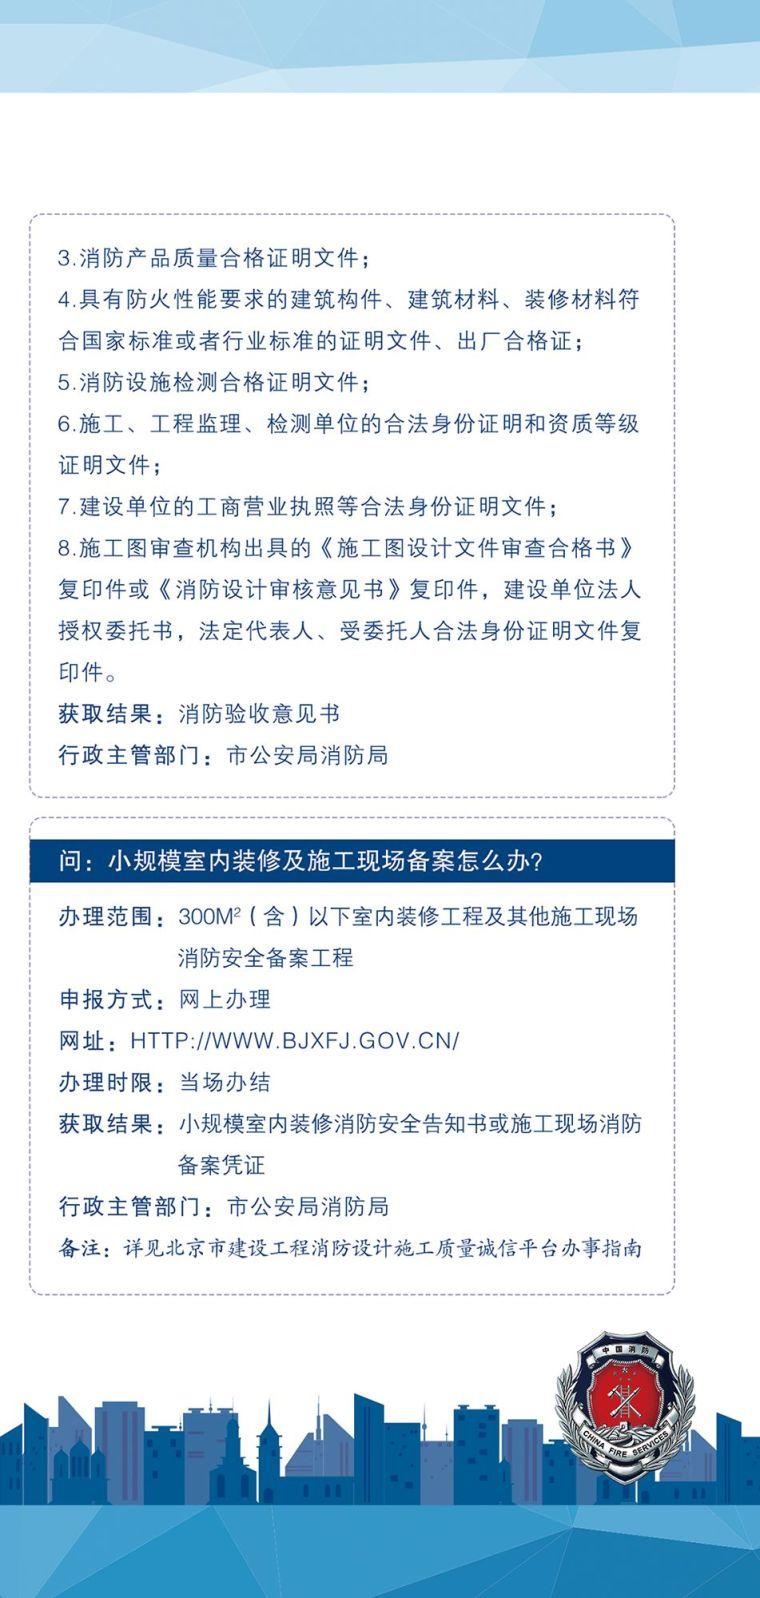 一图读懂|北京消防推出优化营商环境五项便民措施_3